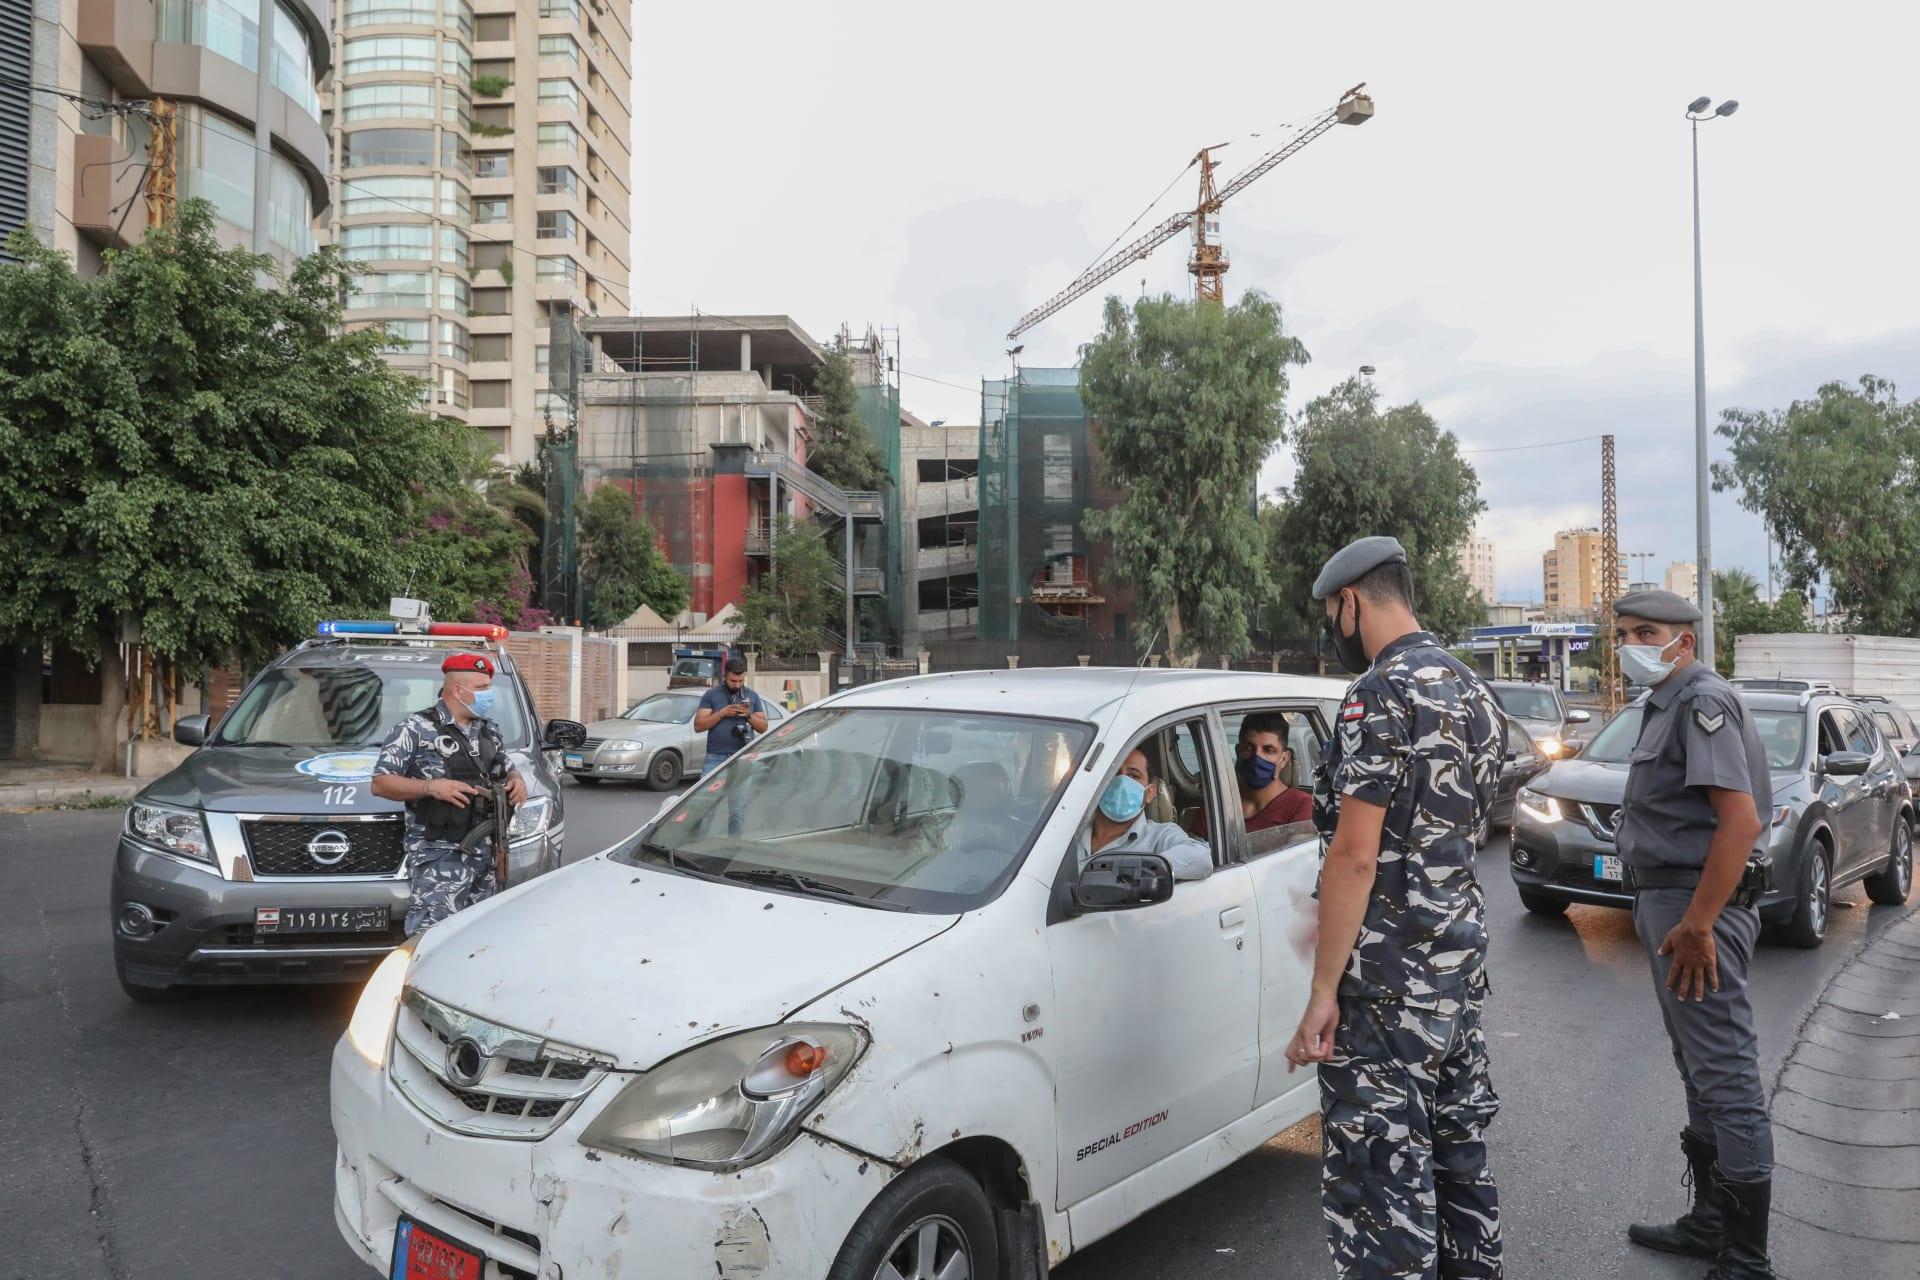 نقطة أمنية لقوات الأمن اللبنانية في وسط العاصمة بيروت